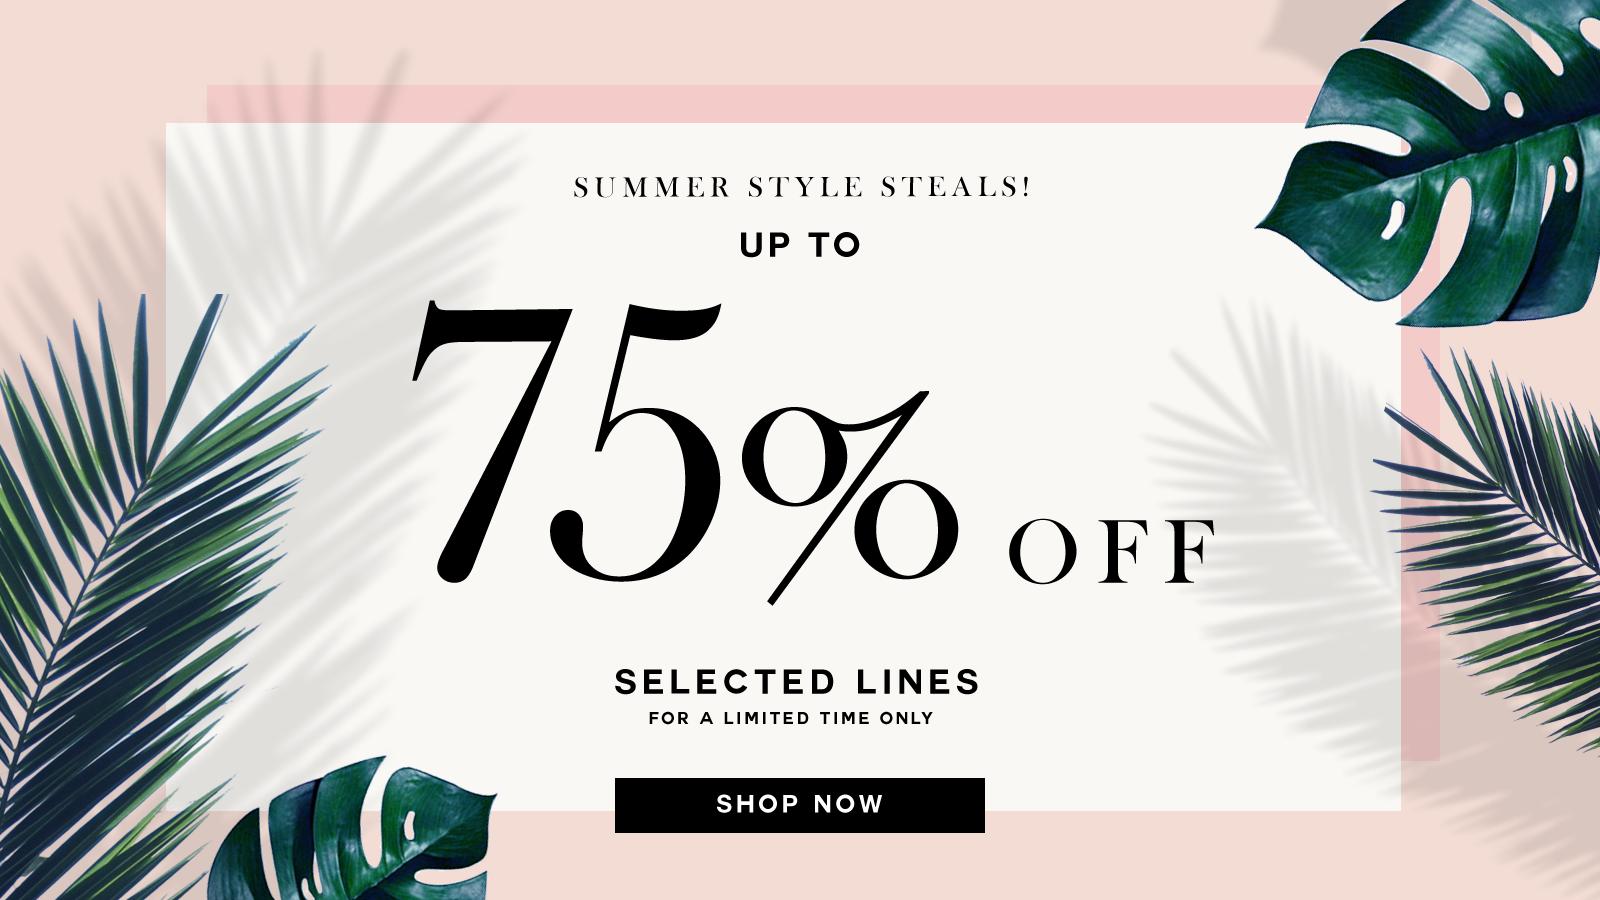 Chi Chi Chi Chi: 75% off women's clothing